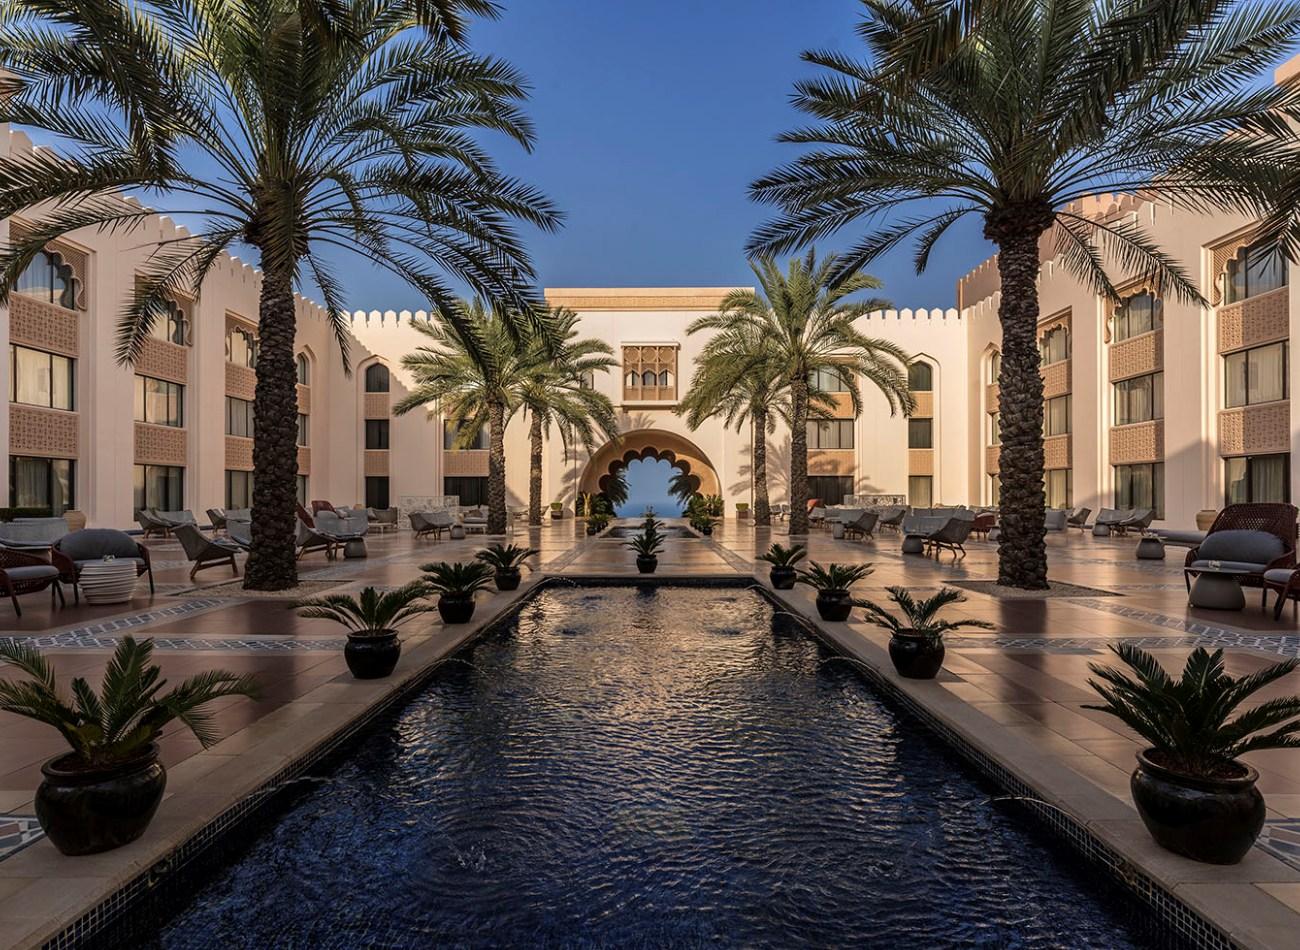 Reise in Oman im Orient. Grosszügiger Pool von Palmen umsäumt im orientalischen Shangri La Resort in Maskat.